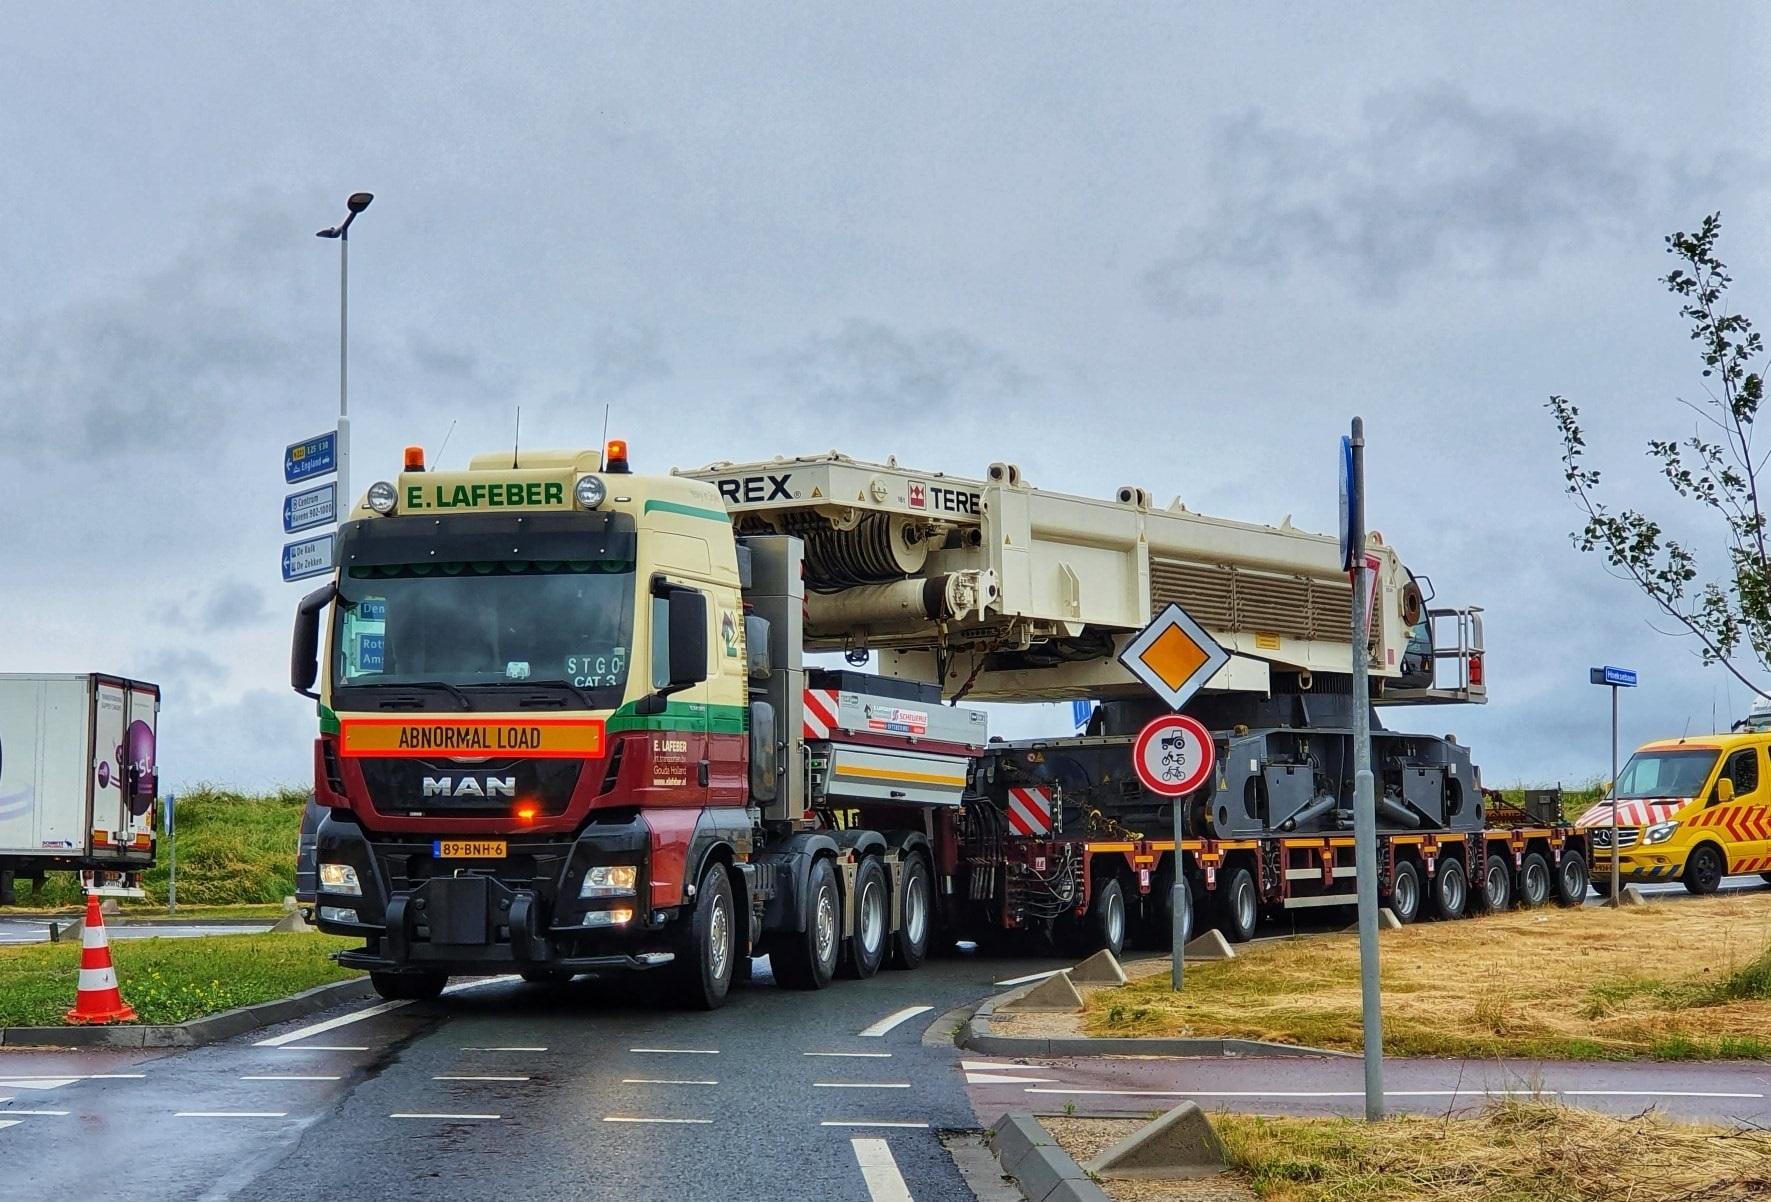 Man-tgx-41-640-8x4-met-SCHEUERLE-Fahrzeugfabrik-8-assige-moduletrailer-met-Terex-CC-33800-voor-Schotland--21-6-2021-(4)